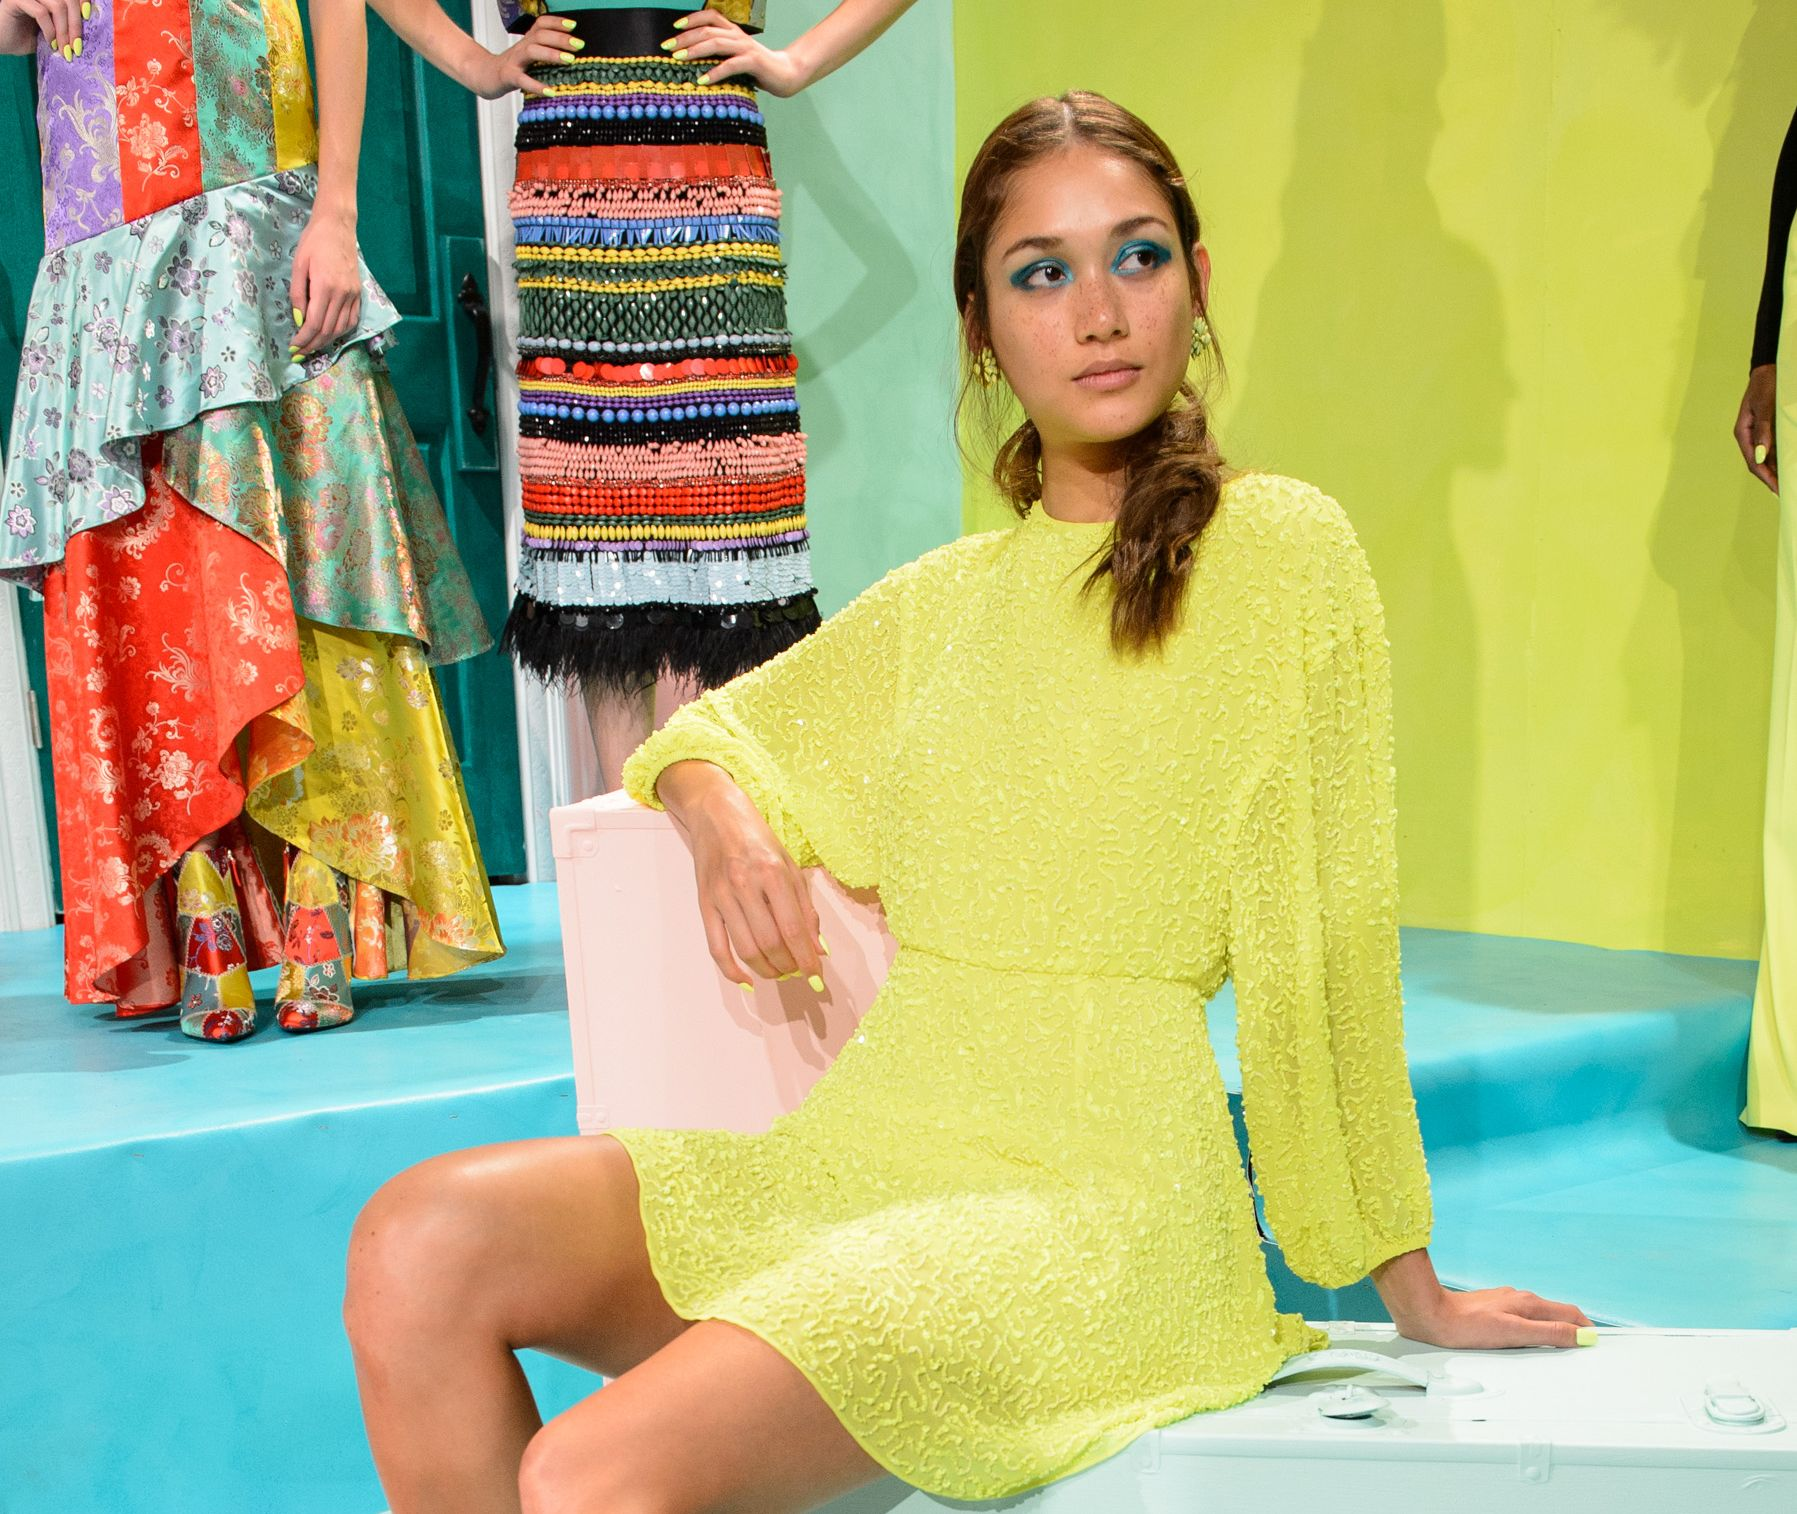 ea28c8a33a Modne sukienki  trendy wiosna-lato 2019  - Elle.pl - trendy wiosna lato  2019  moda